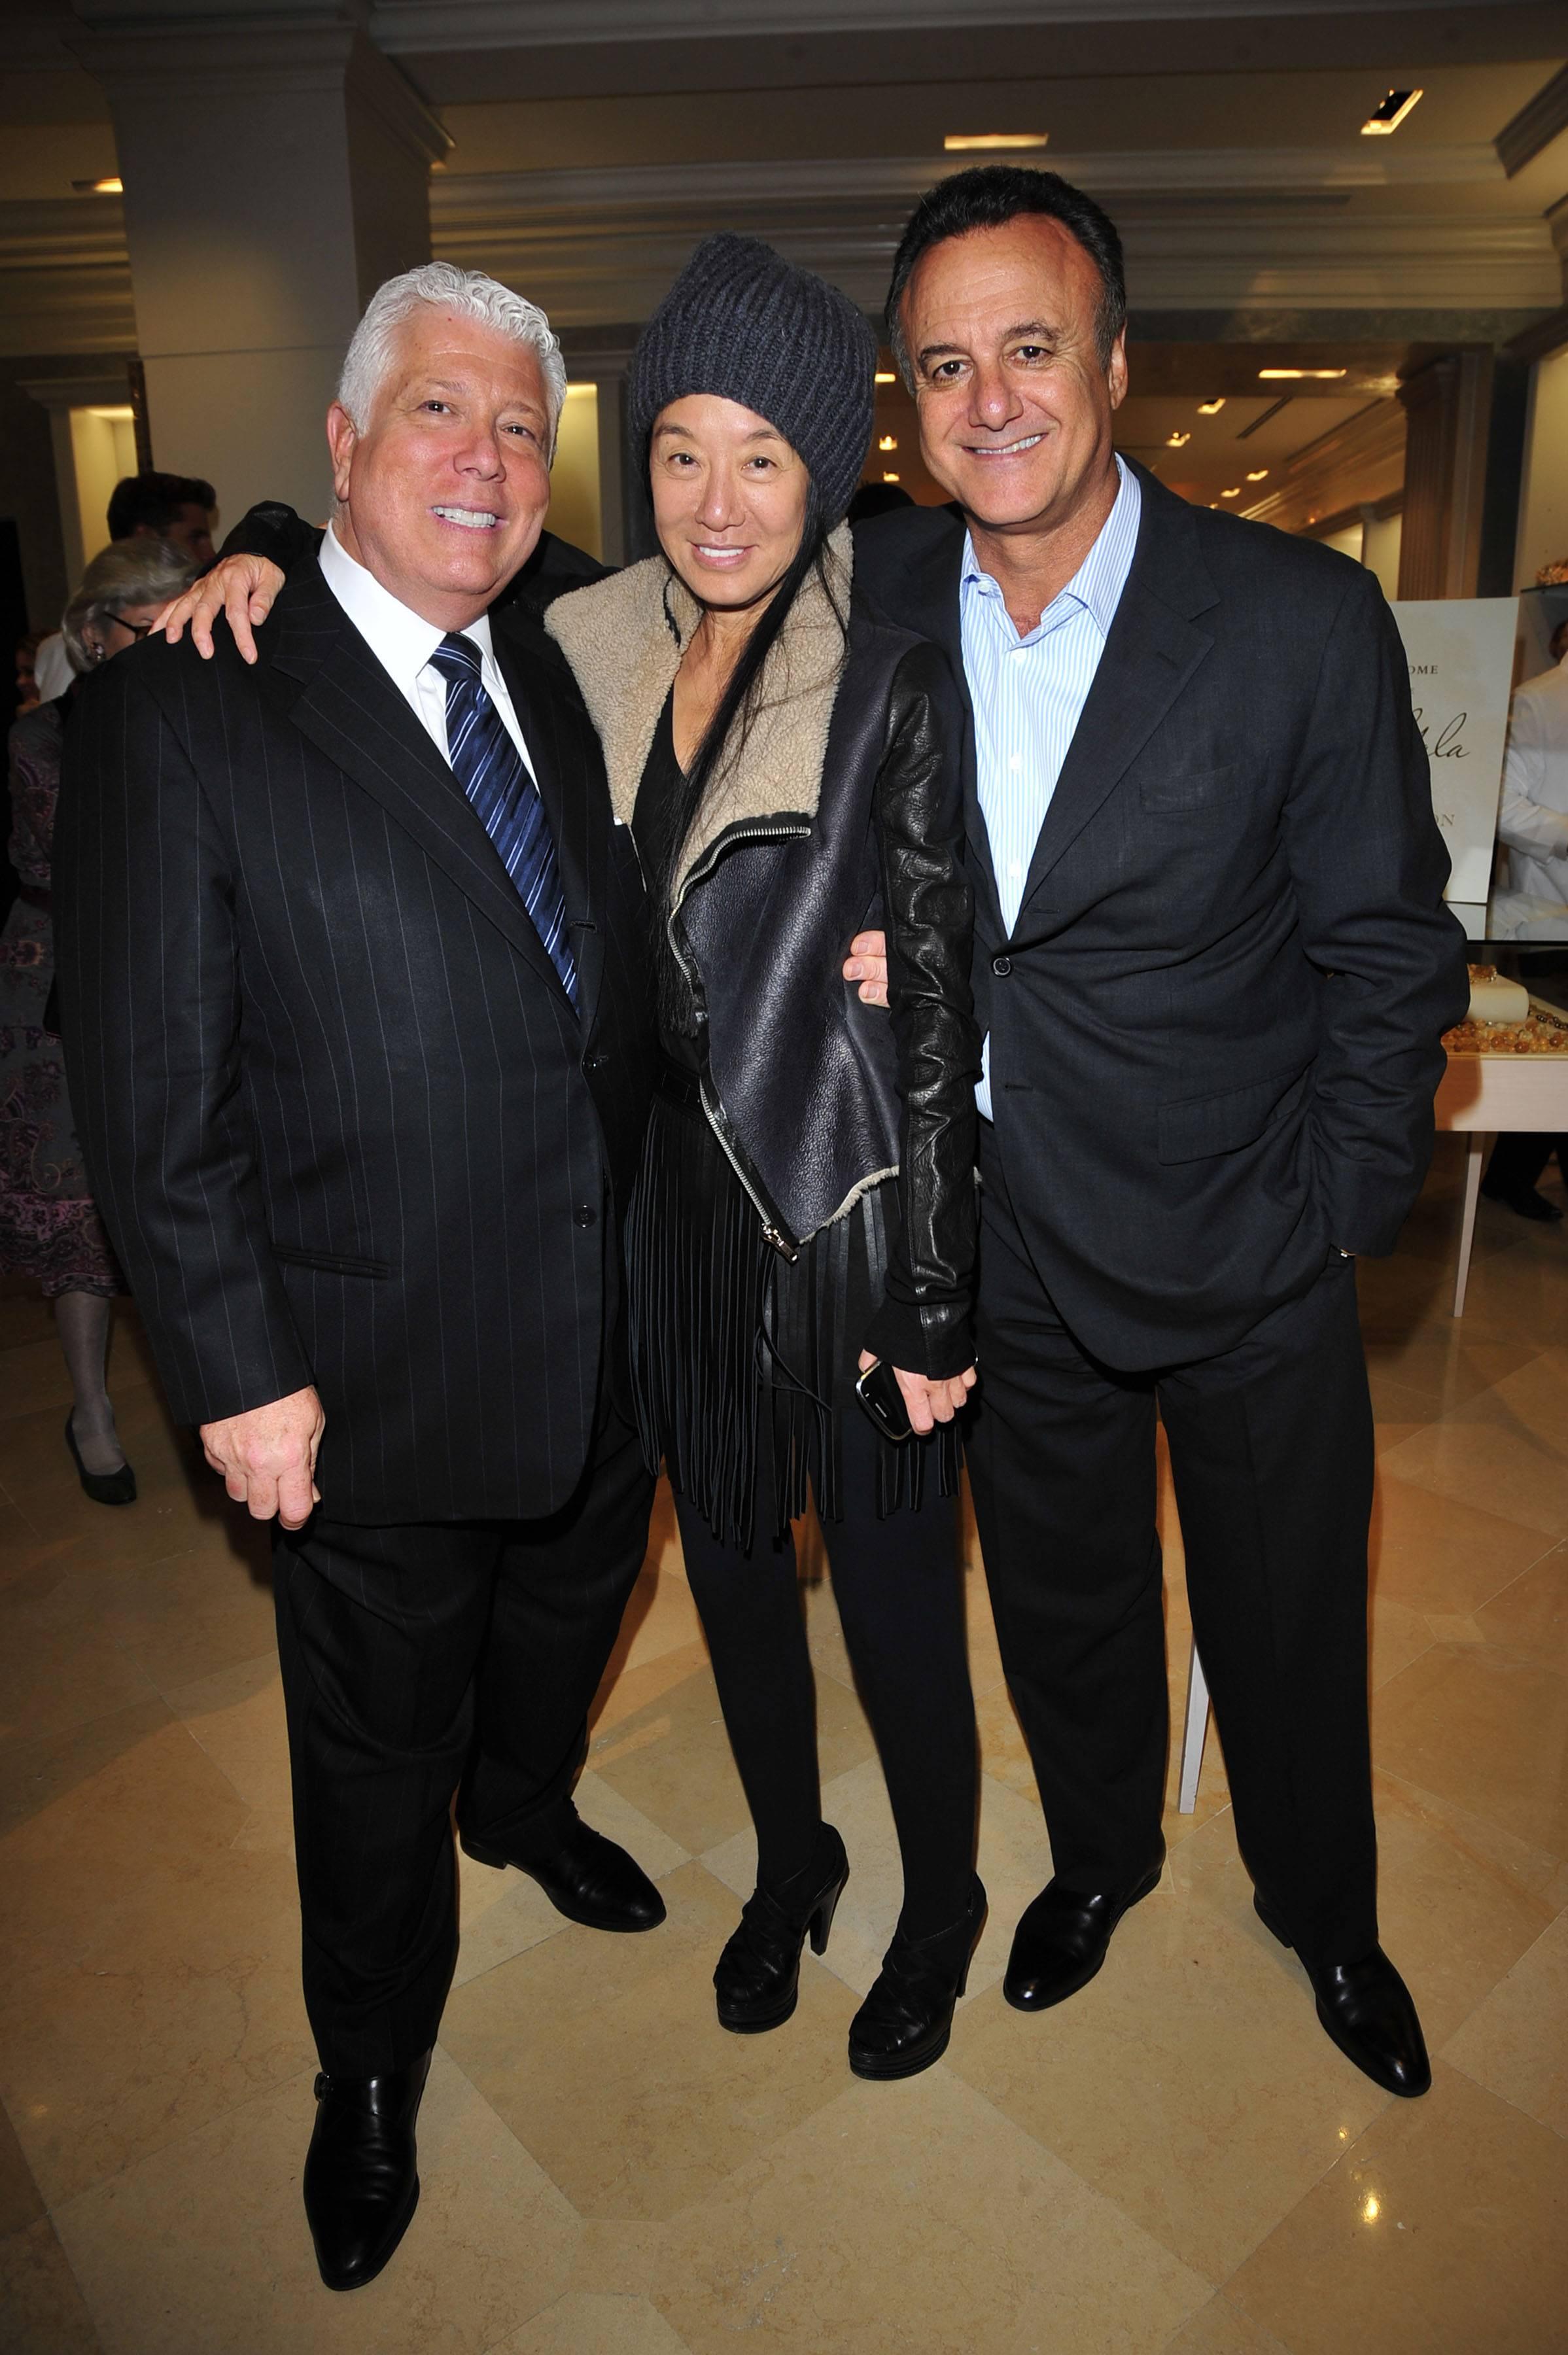 Dennis Basso, Vera Wang, Arthur Becker